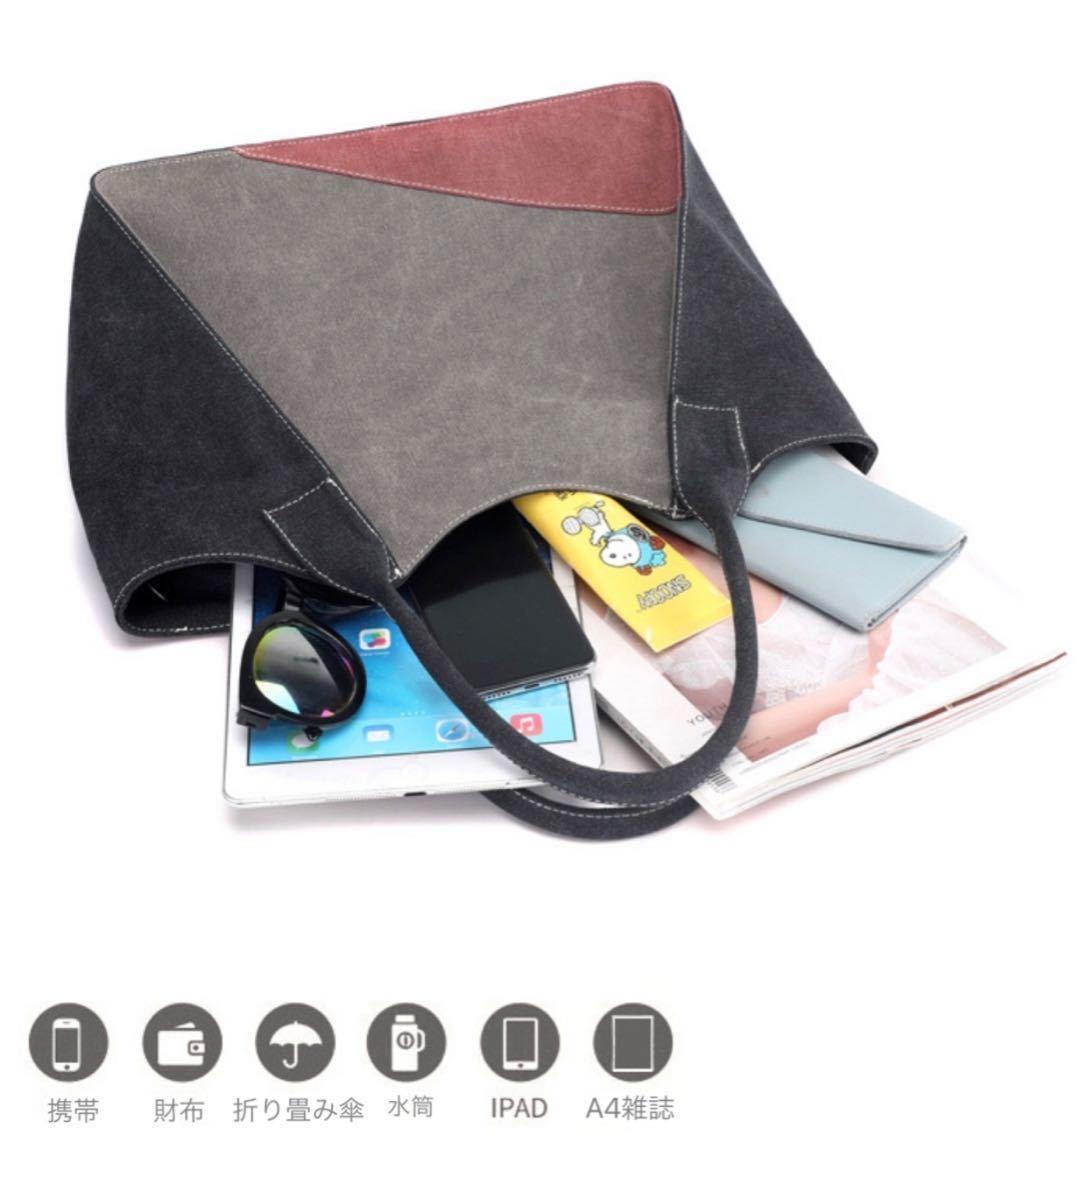 トートバッグ レディースバッグ 高品質 大容量 キャンバス ハンドバッグ 大容量